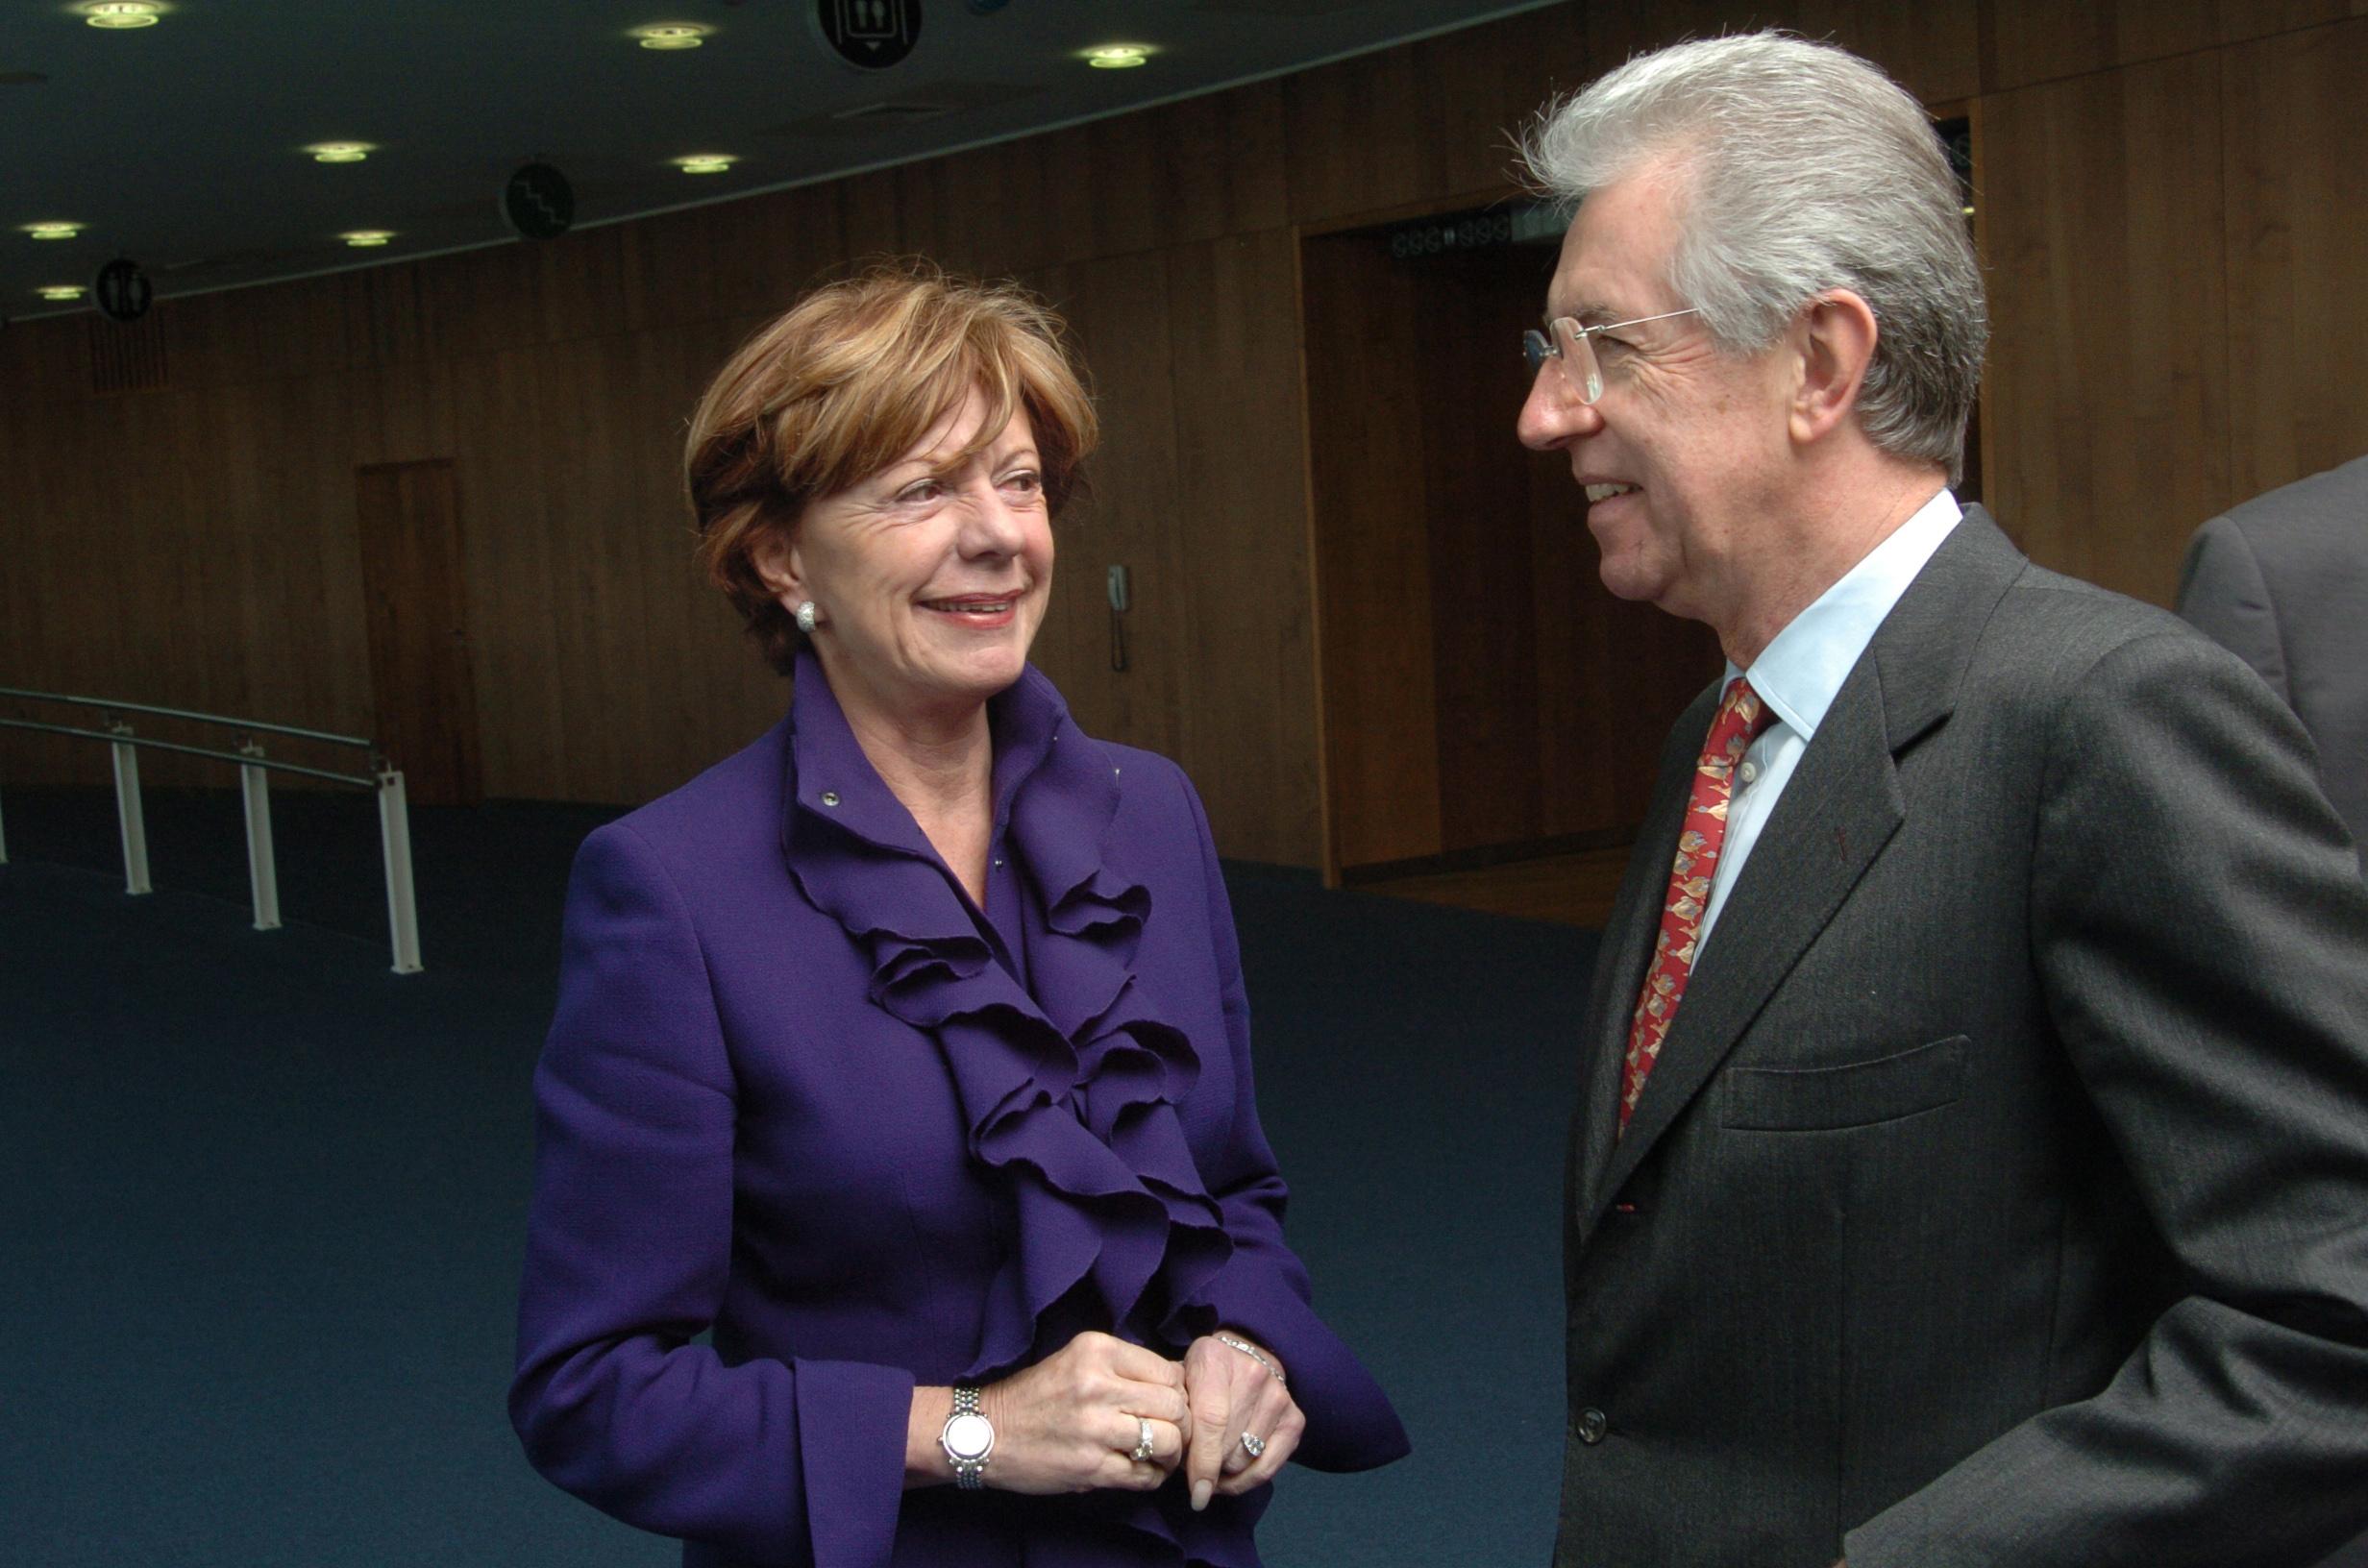 Rencontre entre Neelie Kroes et Mario Monti